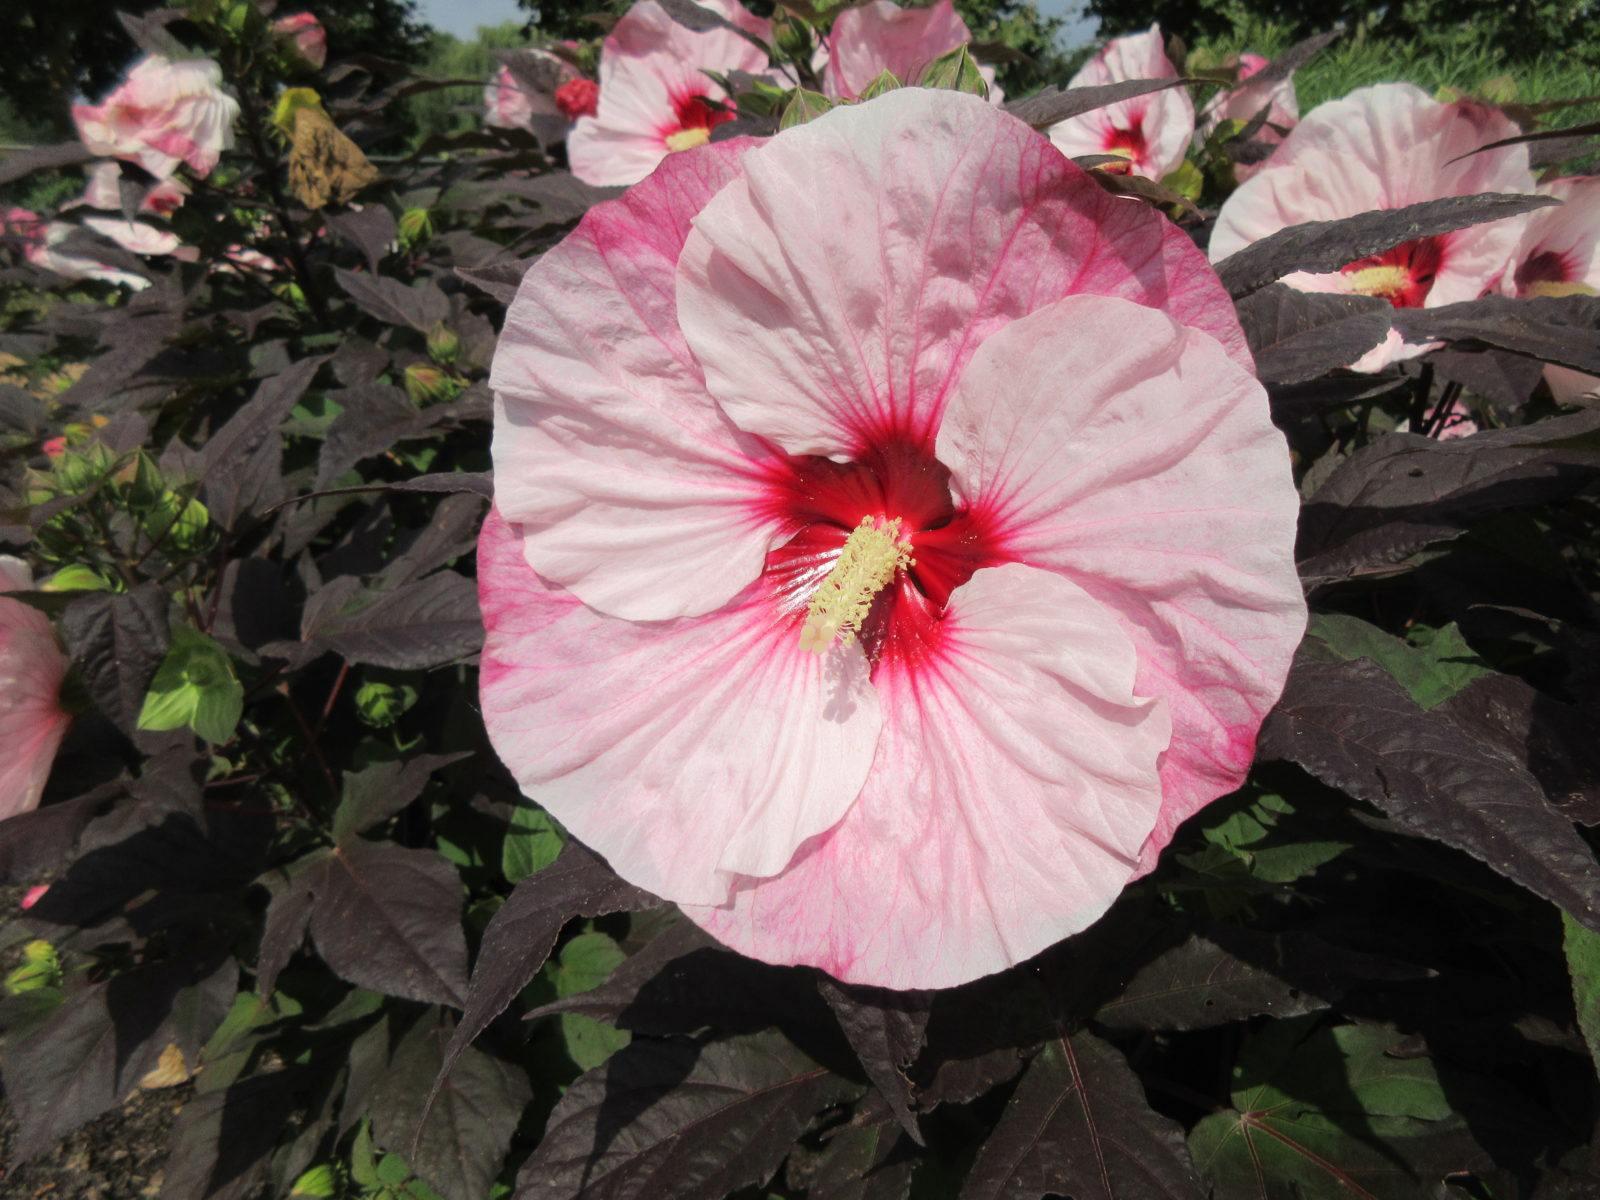 Hibiscus at cbg rotary botanical gardens hibiscus at cbg izmirmasajfo